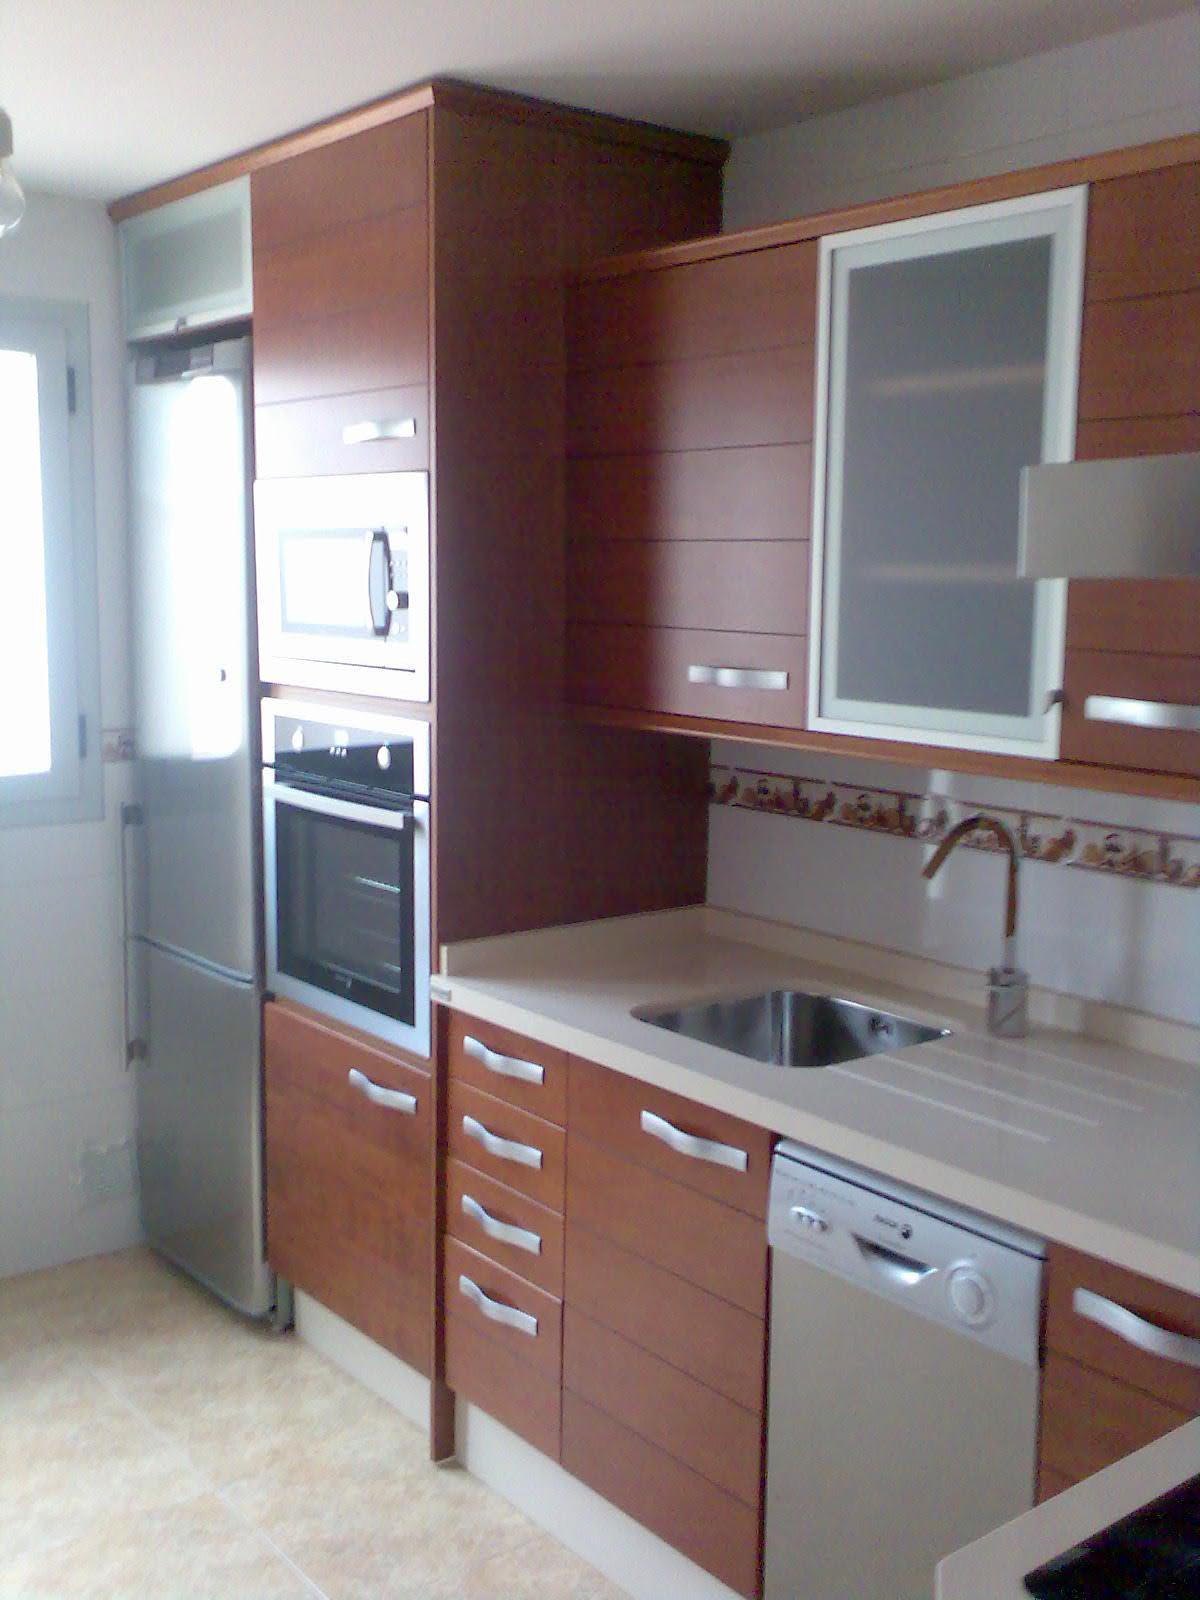 Muebles De Cocina De Melamina Color Cerezo Magonz Com La Idea  # Muebles Pacheco